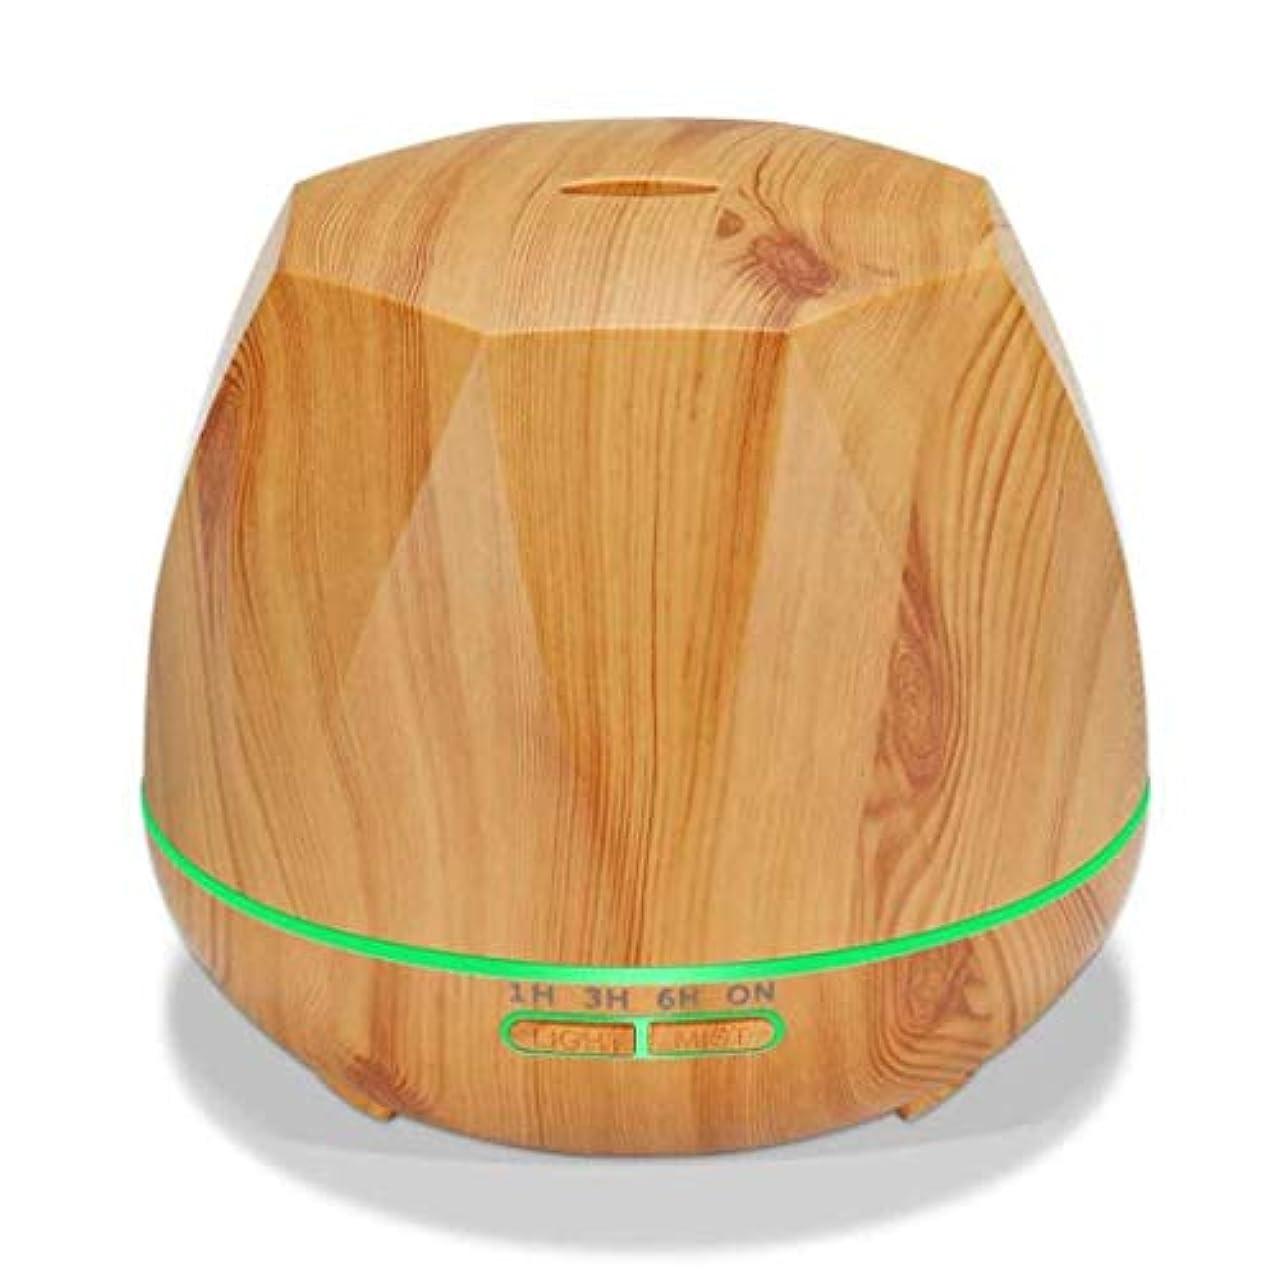 立方体上記の頭と肩霧クールミスト空気加湿器、カラーLEDライト付き交換用超音波、ヨガ、オフィス、スパ、寝室、ベビールーム - 木目調 (Color : Light wood grain)